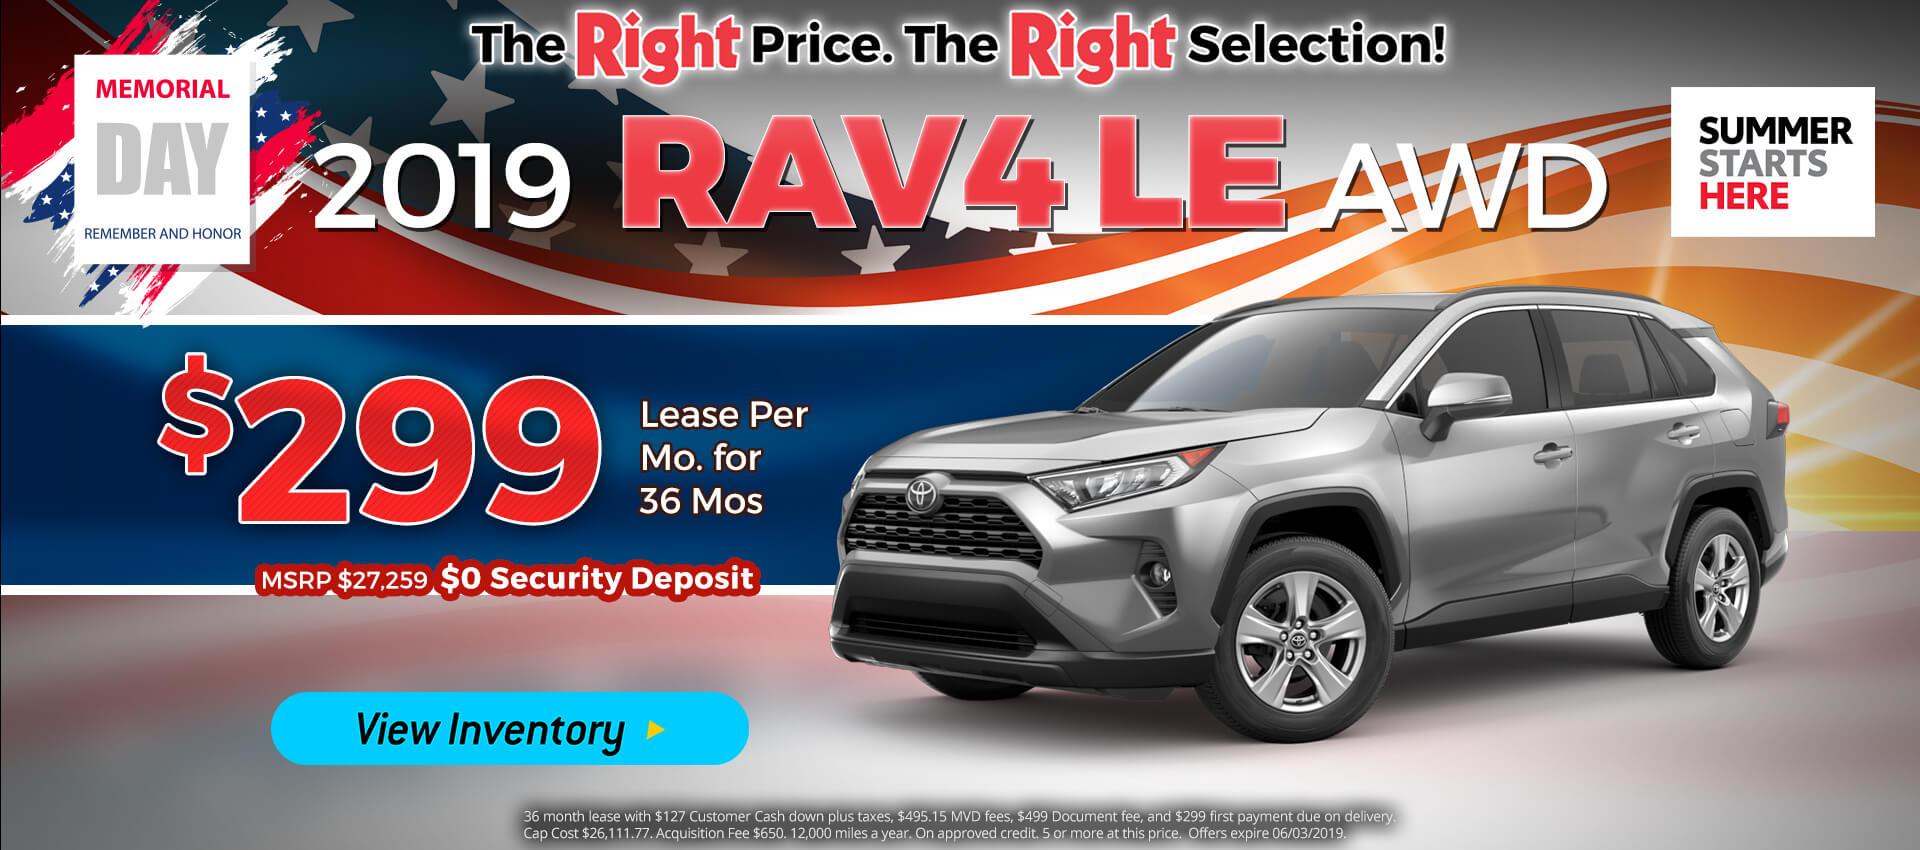 Rav4 - Lease for $299